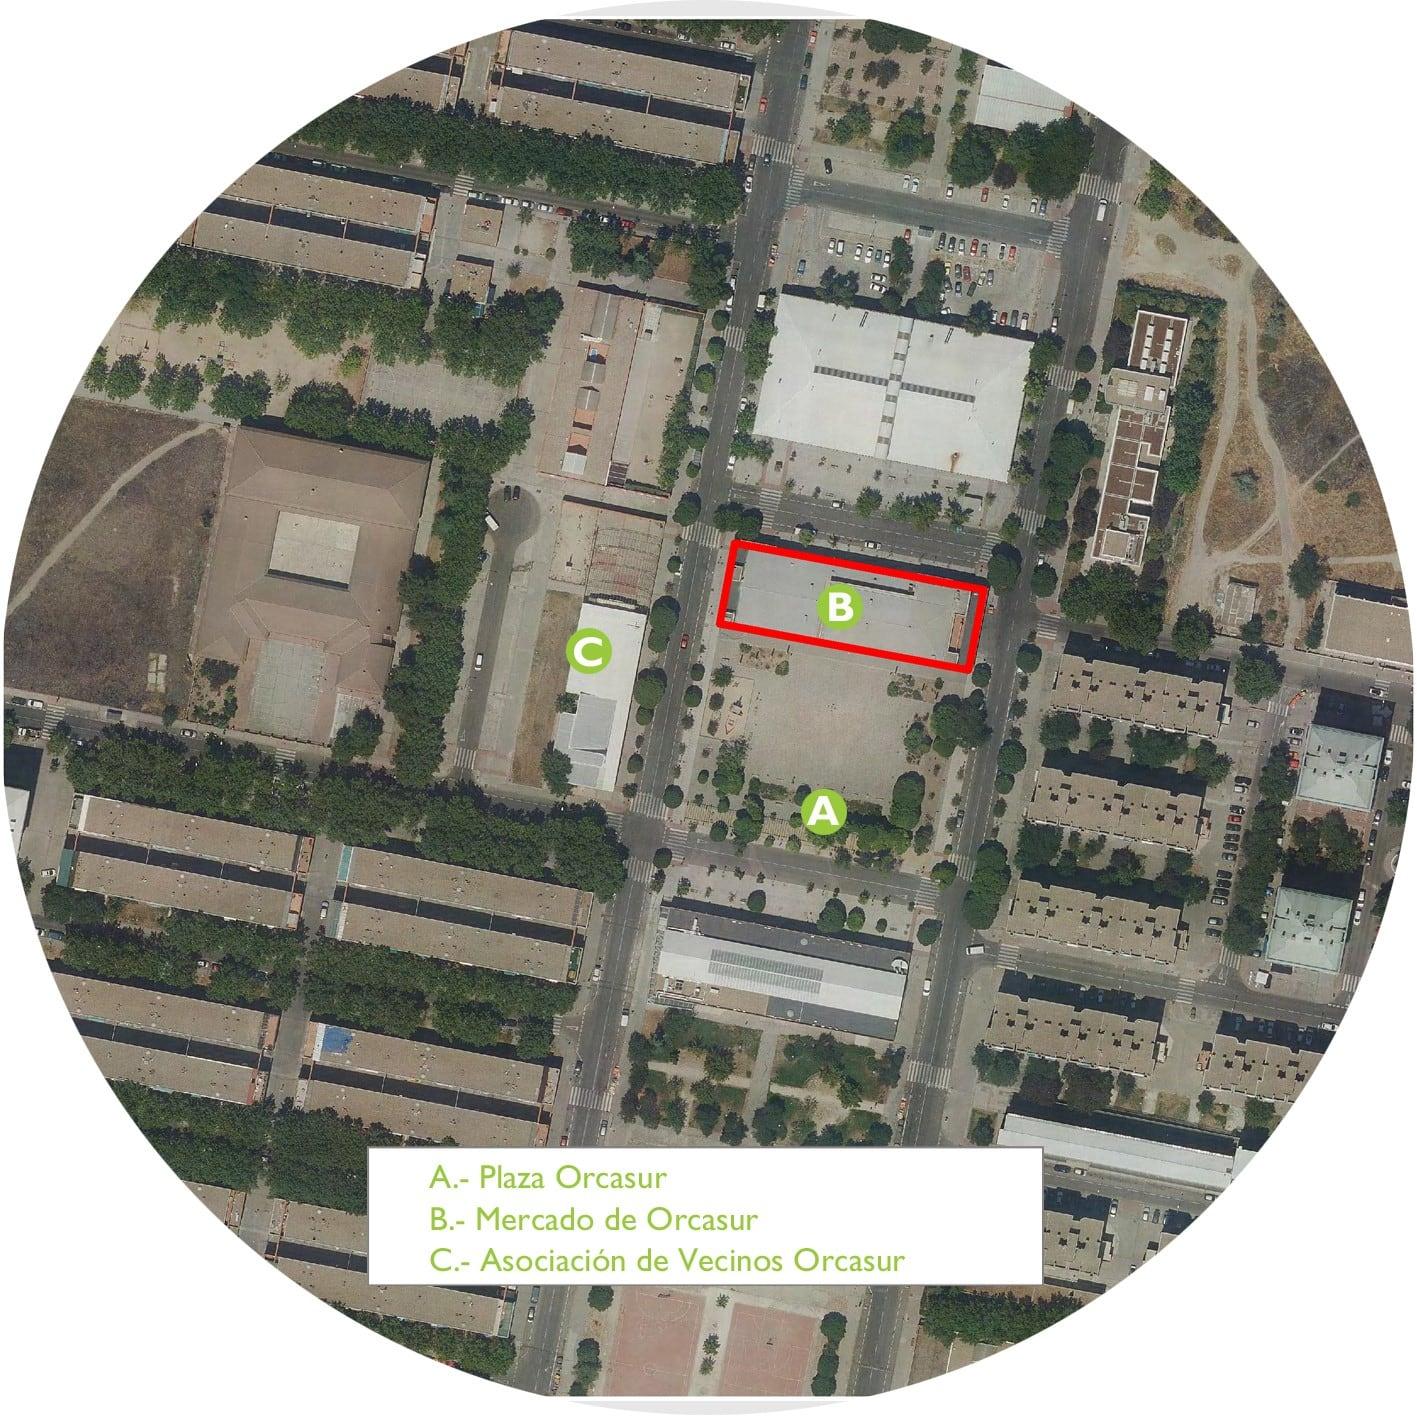 Mercado de orcasur: recupero di edifici pubblici